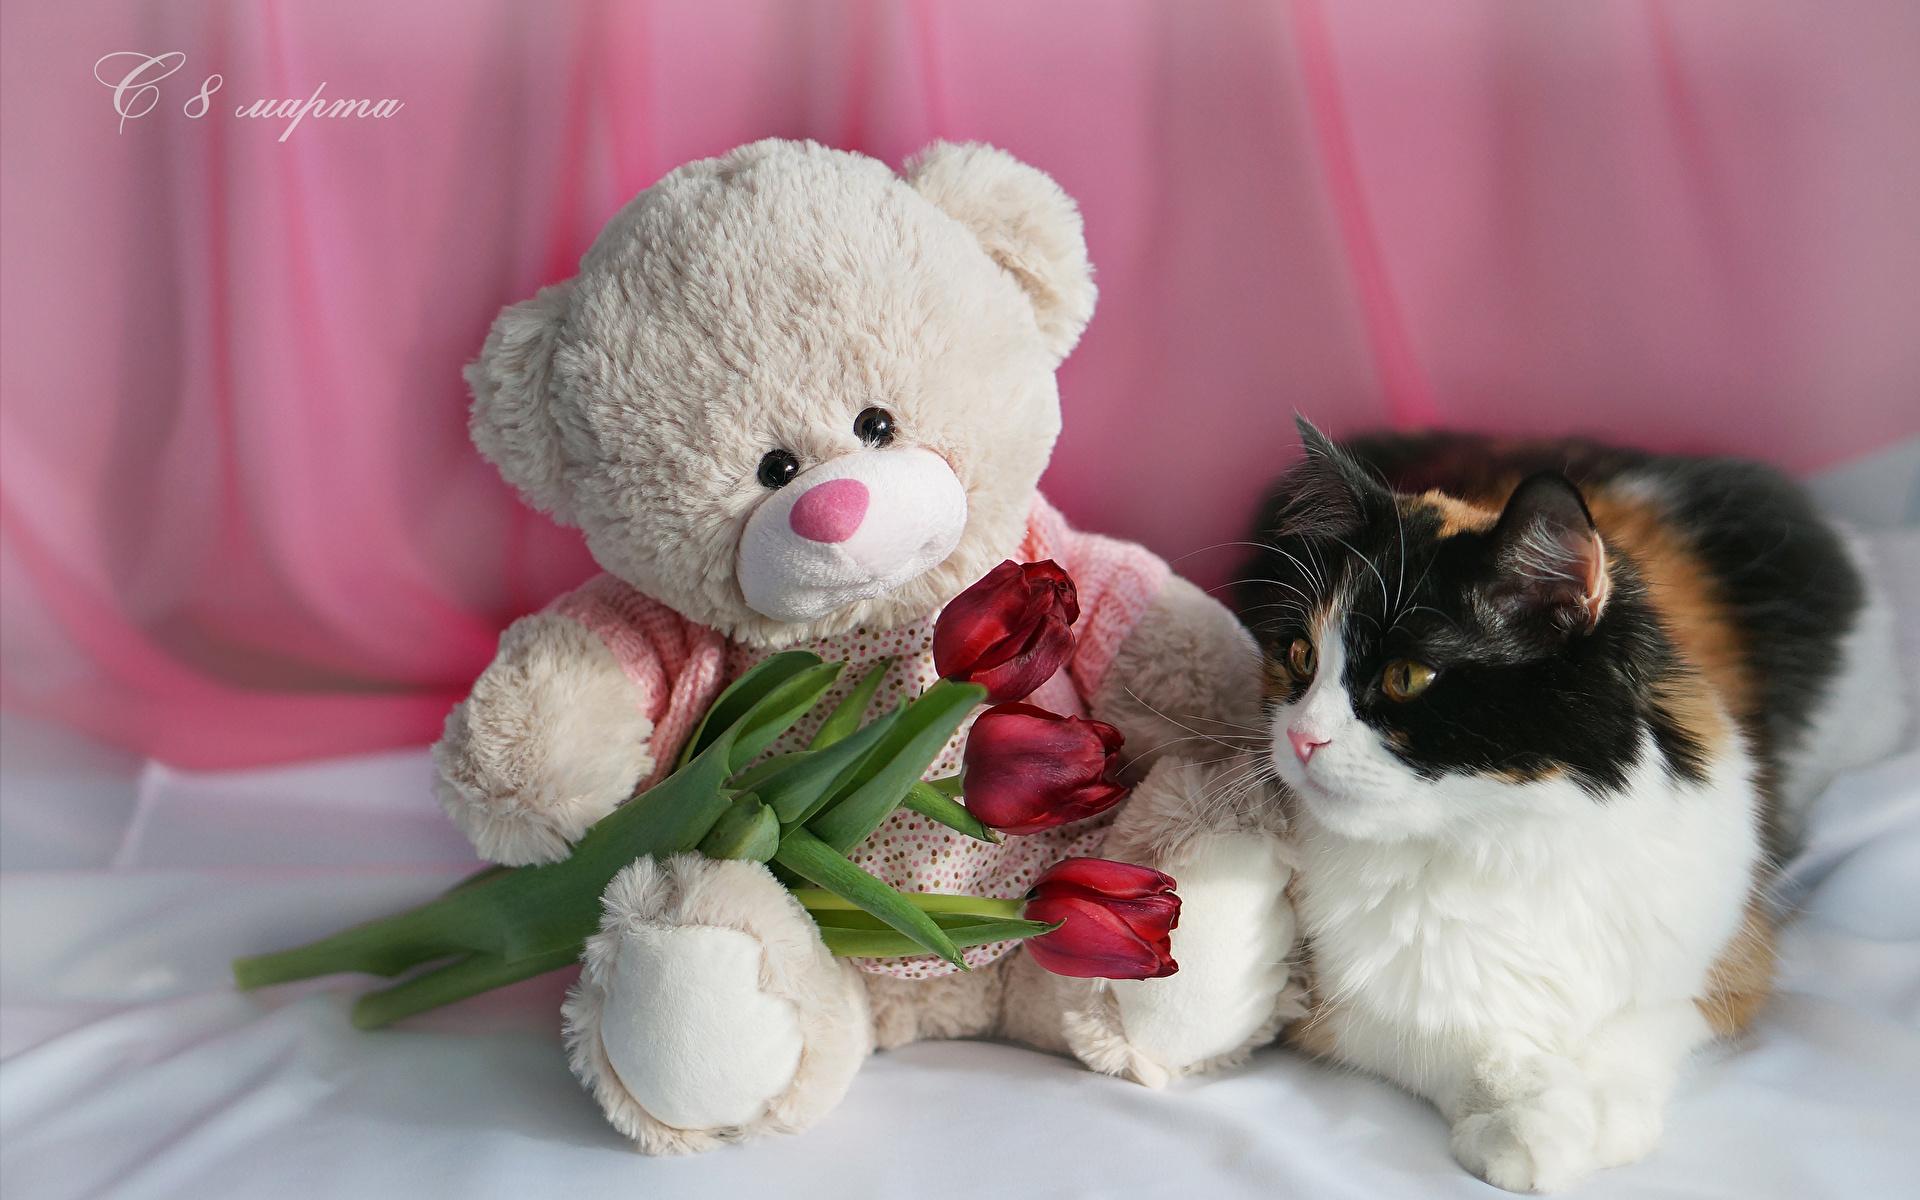 Hintergrundbilder Katze Internationaler Frauentag Russische Rot Tulpen Blumen Teddybär Drei 3 Tiere Feiertage 1920x1200 8 März Teddy Knuddelbär